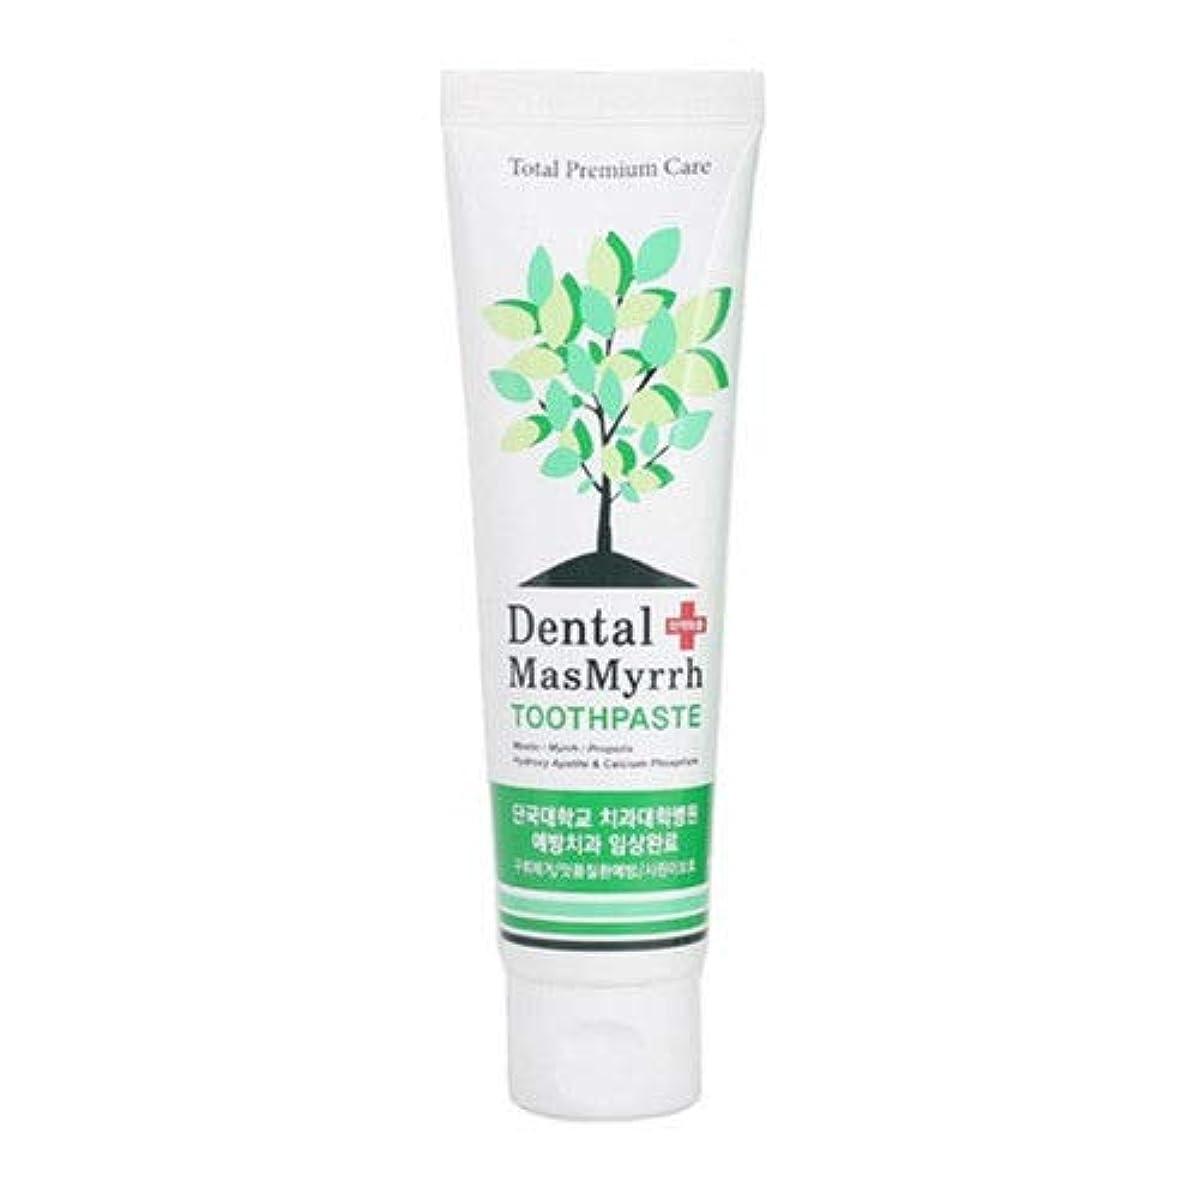 エコーアナログ太陽天然 ナチュラル キシリトール 歯磨き粉 Natural Hernal Xylitol Anti-plague PBL Tube 歯科用 ハミガキ粉 - 130g[並行輸入品]